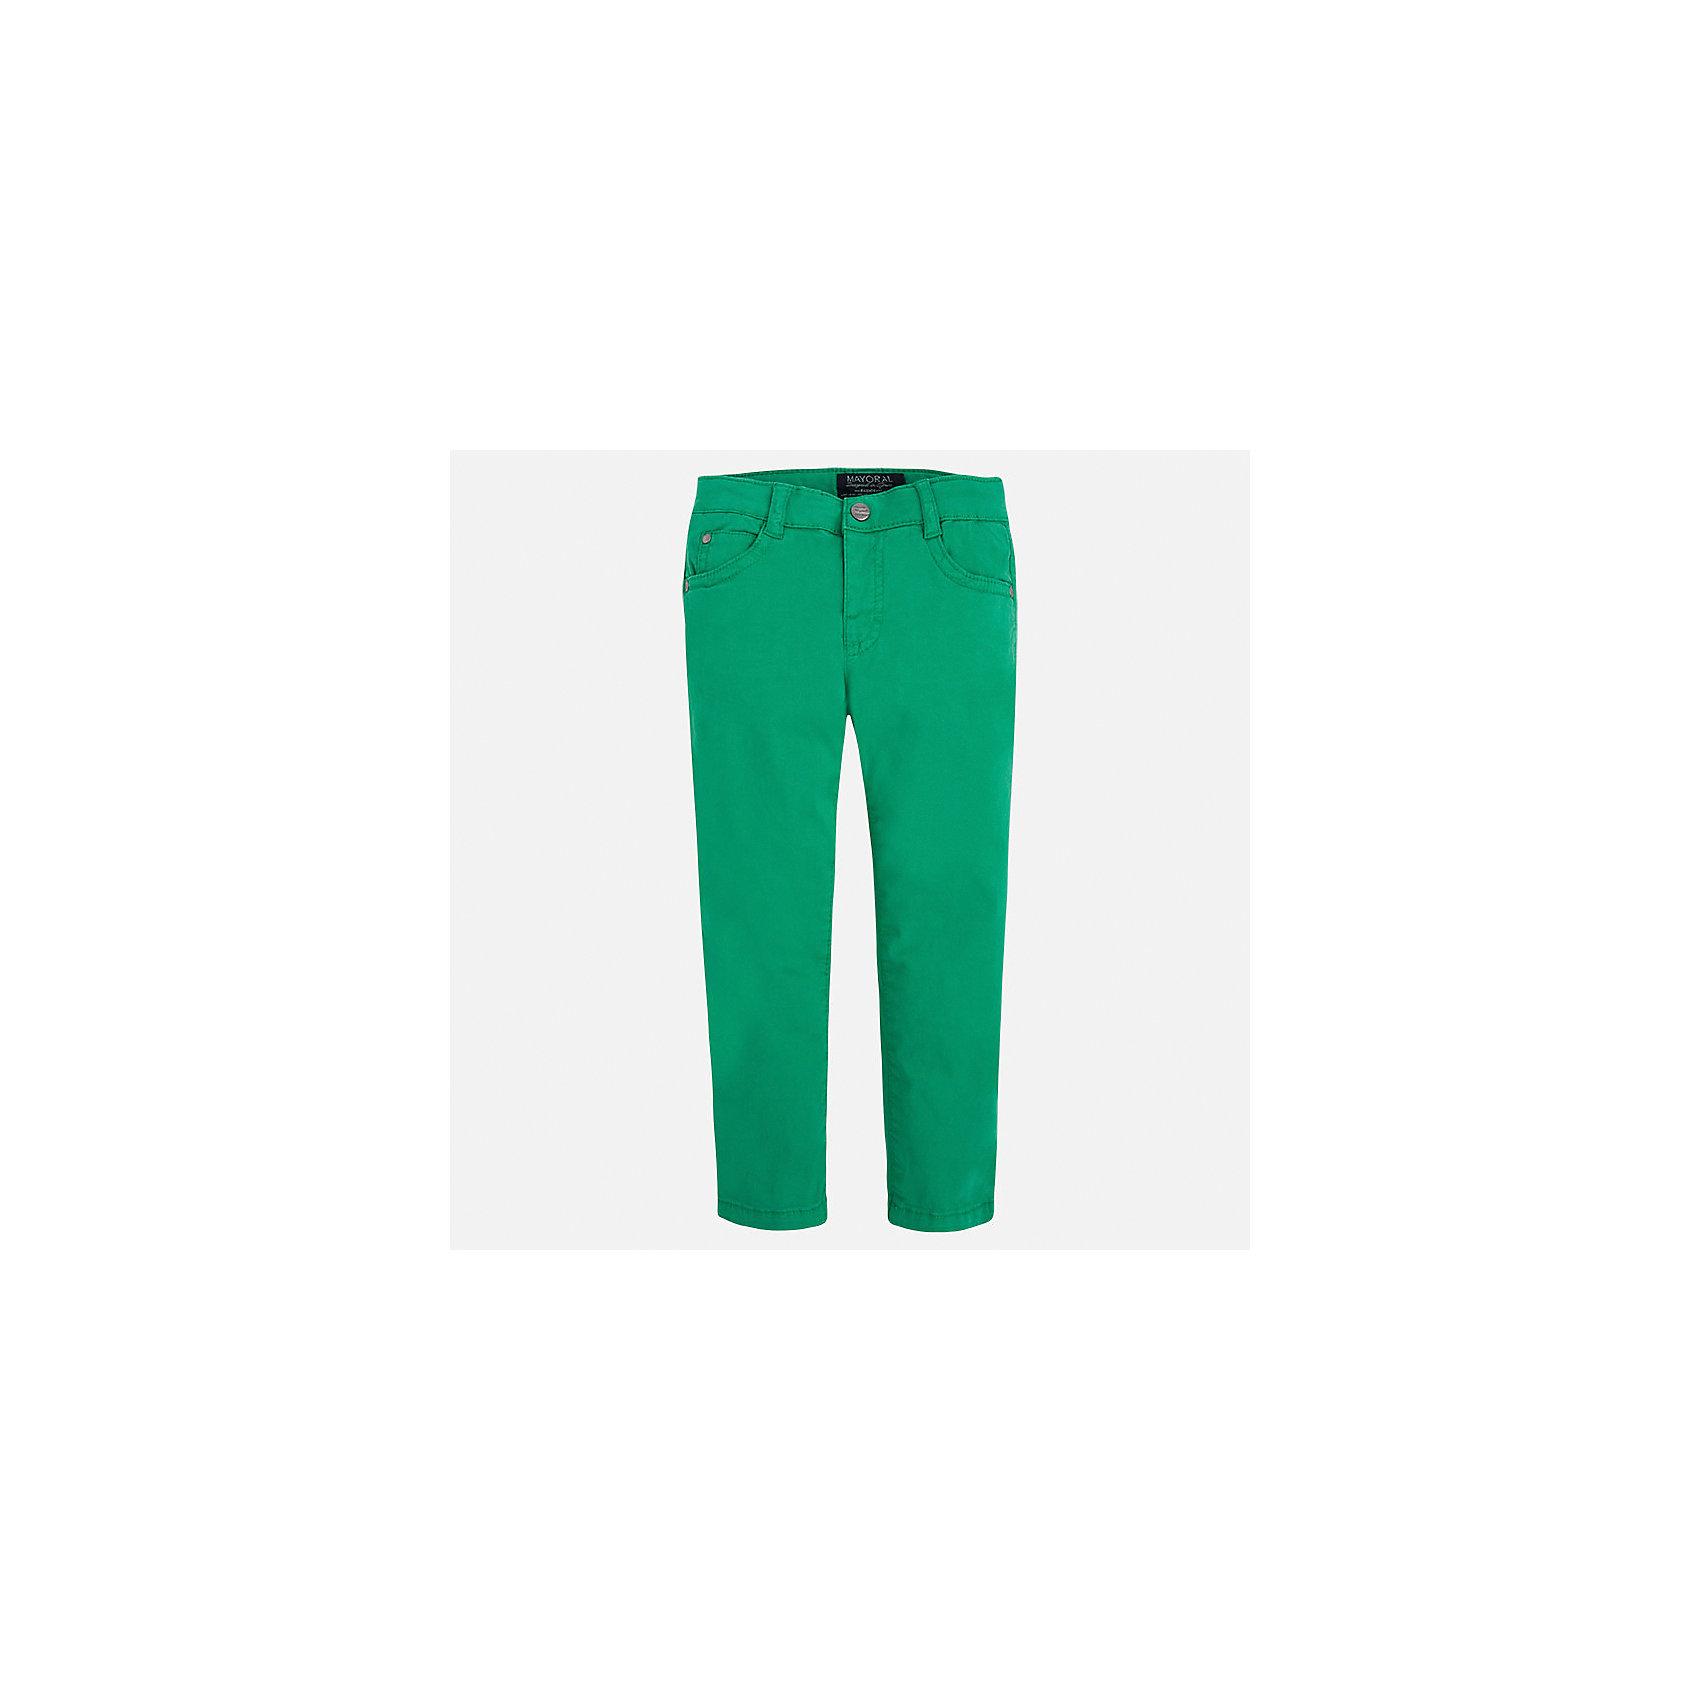 Брюки для мальчика MayoralБрюки<br>Характеристики товара:<br><br>• цвет: зеленый<br>• состав: 98% хлопок, 2% эластан<br>• застежка: кнопка<br>• шлевки<br>• карманы<br>• пояс с регулировкой размера<br>• классический силуэт<br>• страна бренда: Испания<br><br>Модные брюки для мальчика смогут стать базовой вещью в гардеробе ребенка. Они отлично сочетаются с майками, футболками, рубашками и т.д. Универсальный крой и цвет позволяет подобрать к вещи верх разных расцветок. Практичное и стильное изделие! В составе материала - натуральный хлопок, гипоаллергенный, приятный на ощупь, дышащий.<br><br>Одежда, обувь и аксессуары от испанского бренда Mayoral полюбились детям и взрослым по всему миру. Модели этой марки - стильные и удобные. Для их производства используются только безопасные, качественные материалы и фурнитура. Порадуйте ребенка модными и красивыми вещами от Mayoral! <br><br>Брюки для мальчика от испанского бренда Mayoral (Майорал) можно купить в нашем интернет-магазине.<br><br>Ширина мм: 215<br>Глубина мм: 88<br>Высота мм: 191<br>Вес г: 336<br>Цвет: зеленый<br>Возраст от месяцев: 96<br>Возраст до месяцев: 108<br>Пол: Мужской<br>Возраст: Детский<br>Размер: 134,128,116,110,104,98,92,122<br>SKU: 5278035